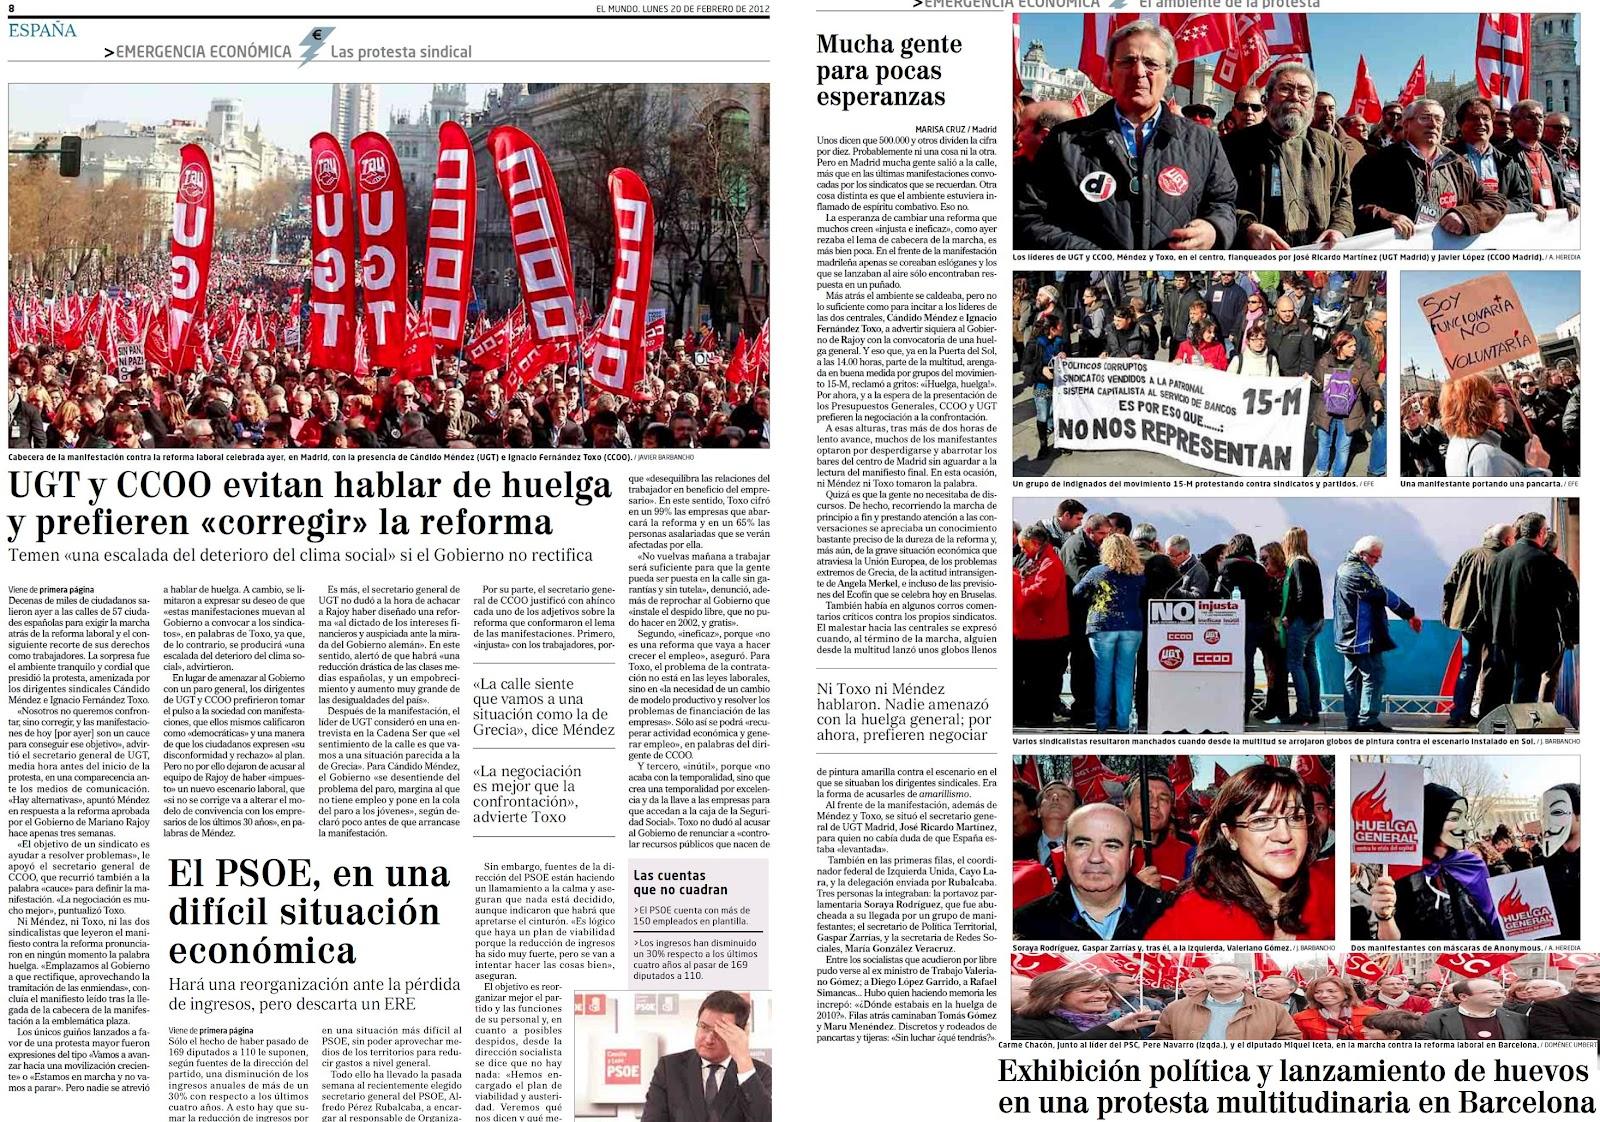 UGT y PSOE azuzan a la gente contra el PP por la ruina laboral y financiera que ellos dejaron